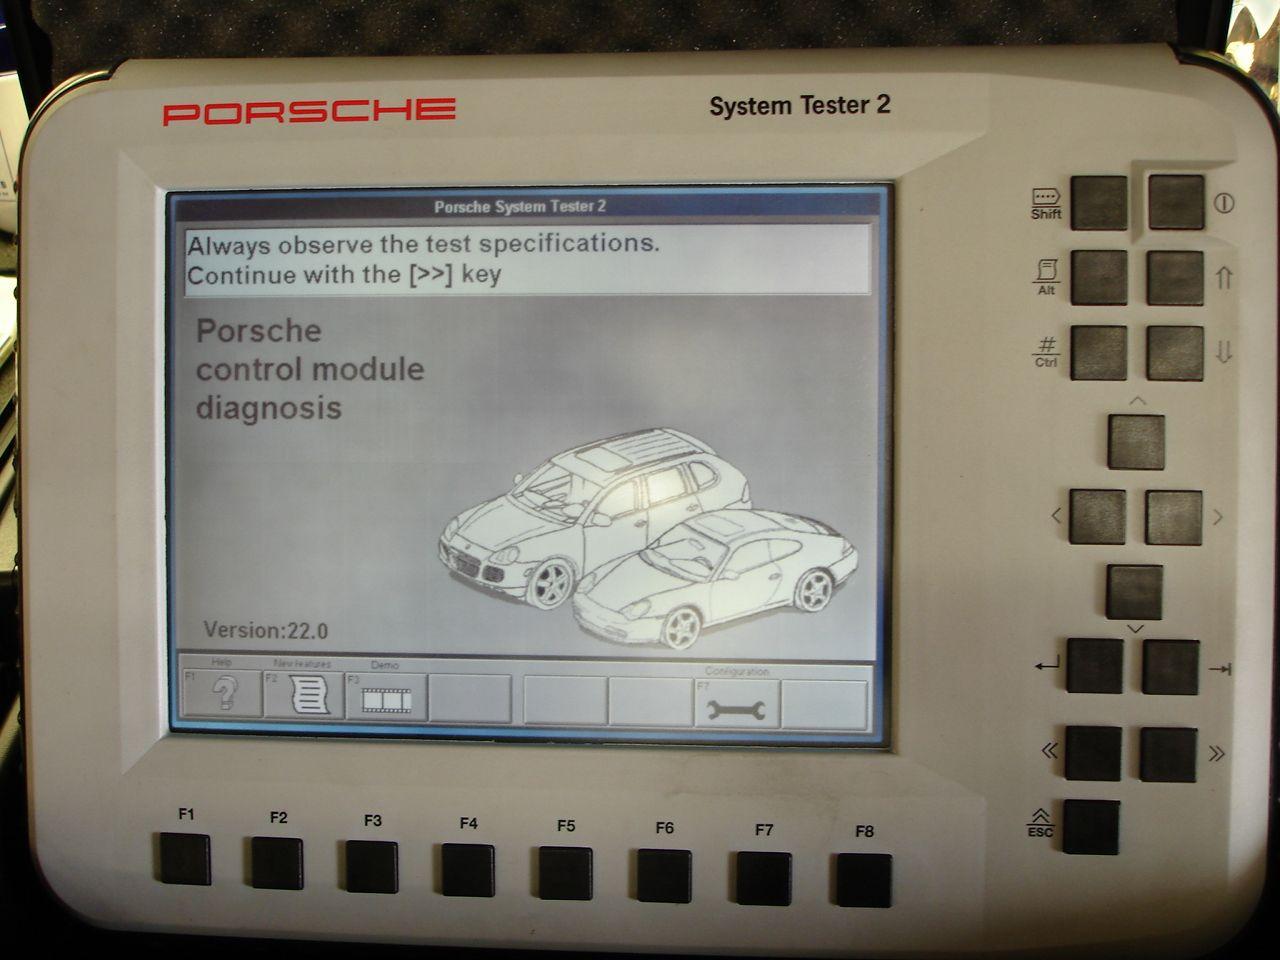 Porsche System tester diagnostic geração 2